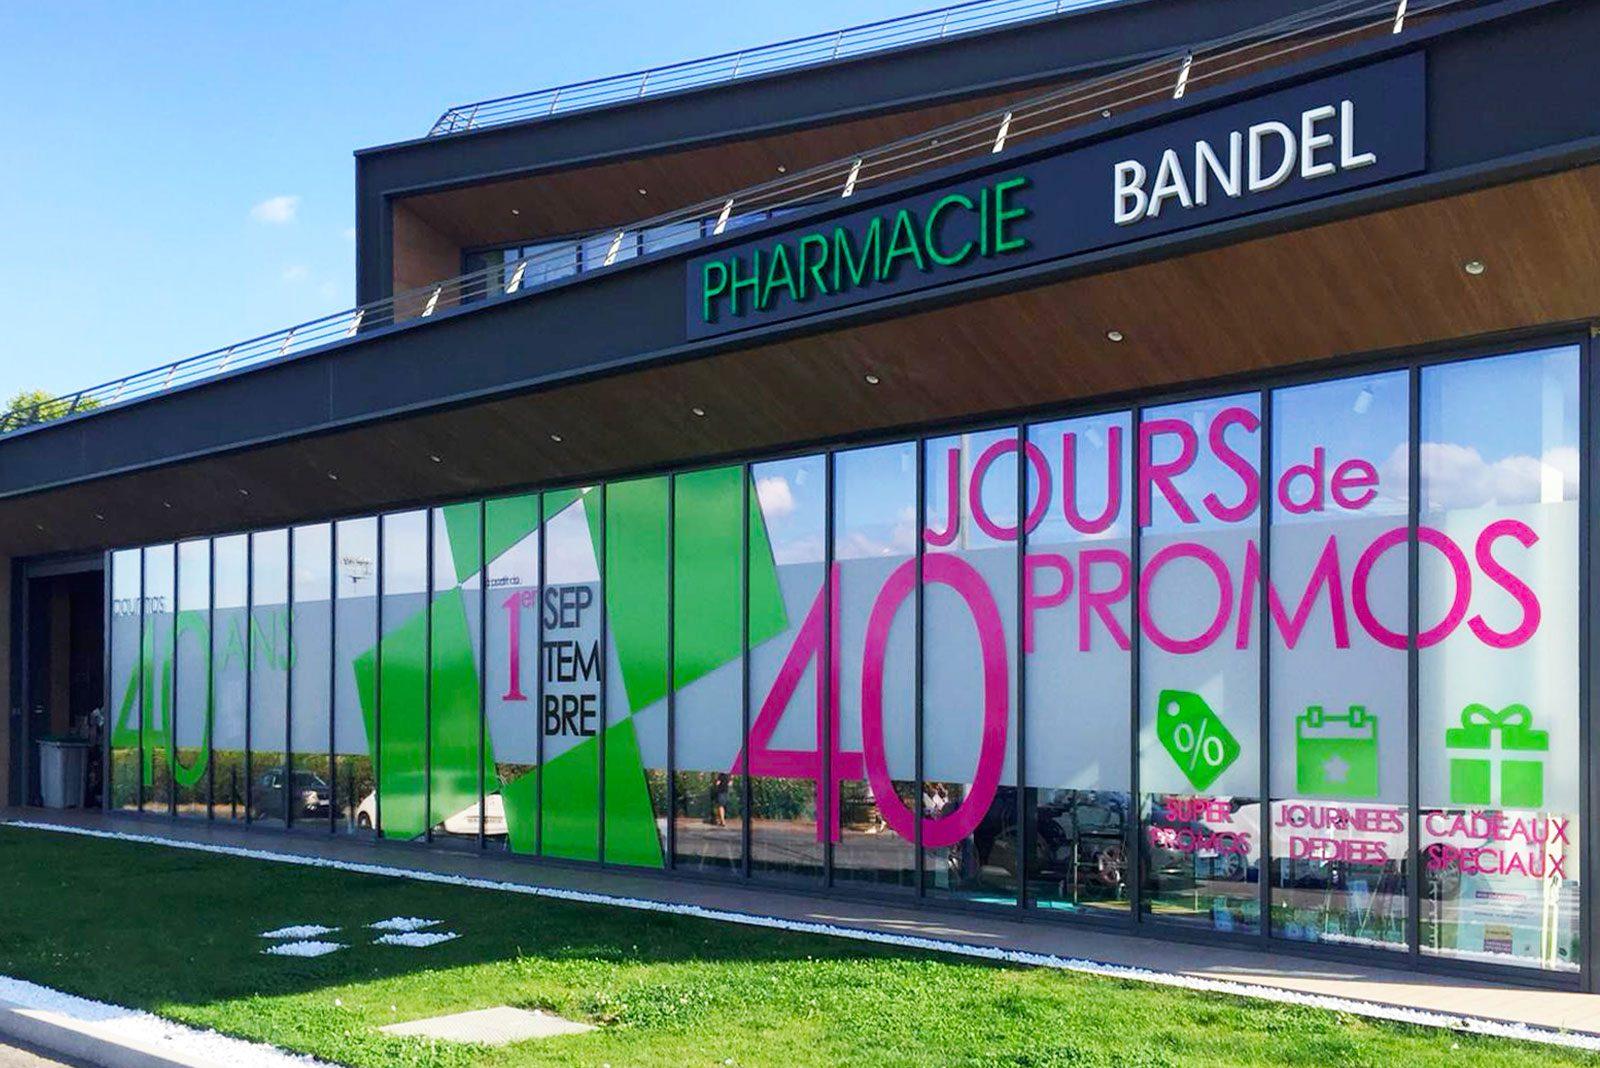 La Pharmacie Bandel festeggia il suo 40esimo anniversario!